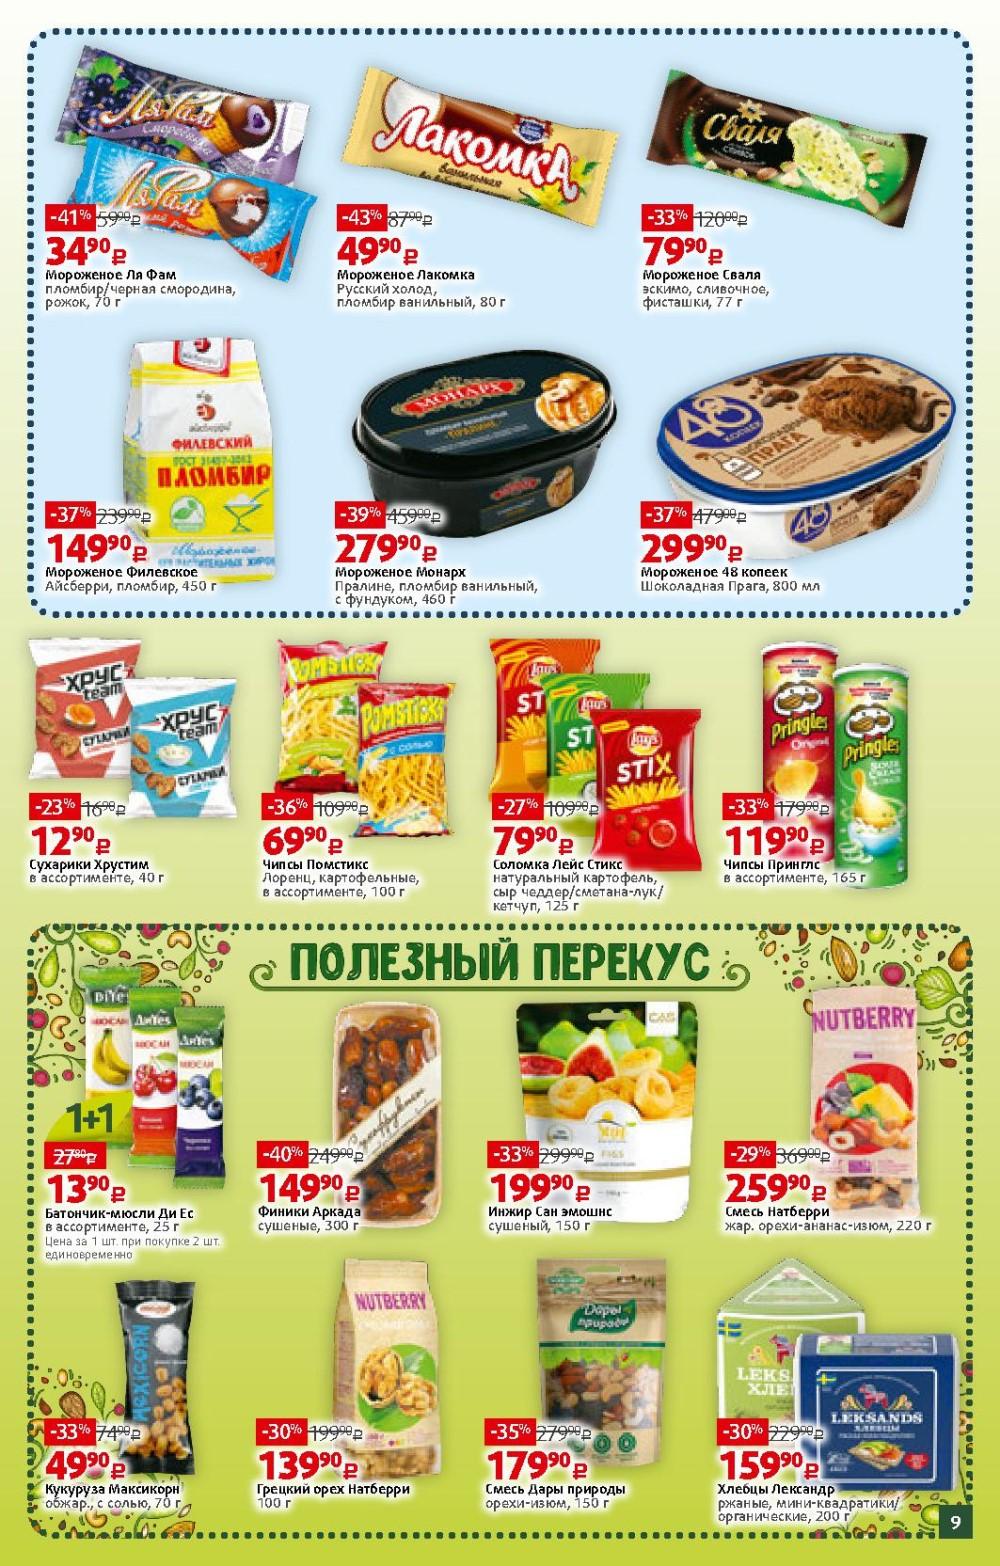 Новый каталог акций в Виктории г. Москва